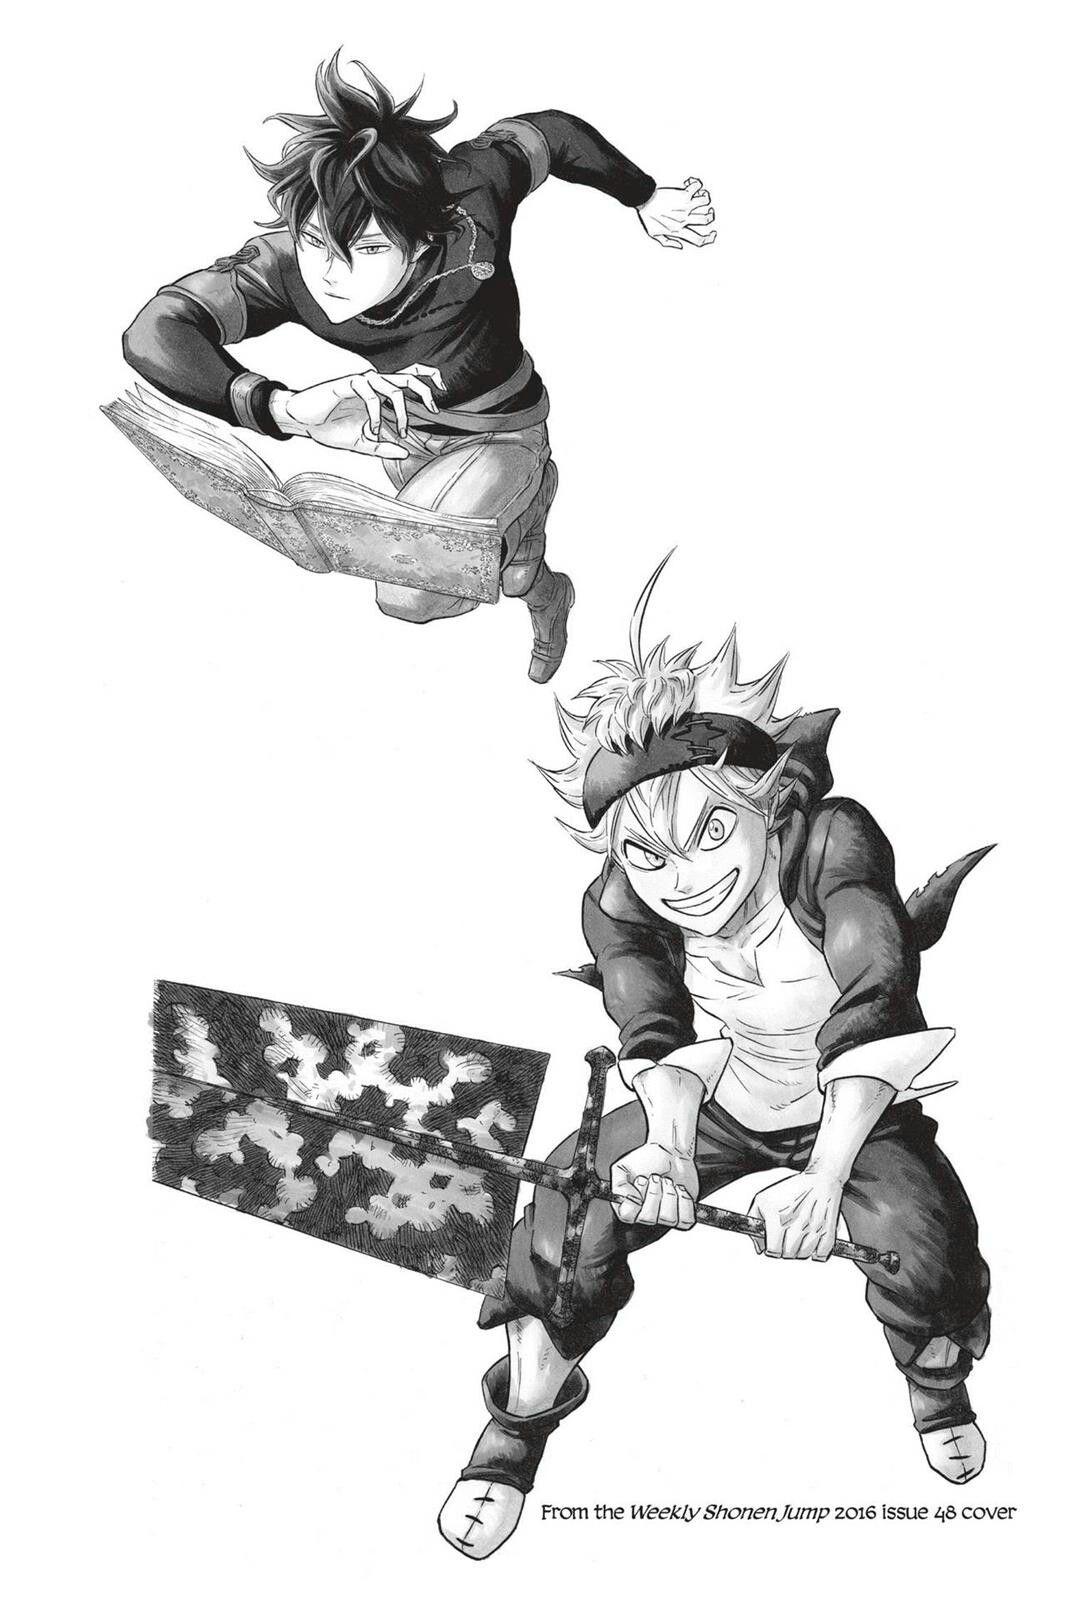 Pin by axel arias on yuki tabata Black clover anime